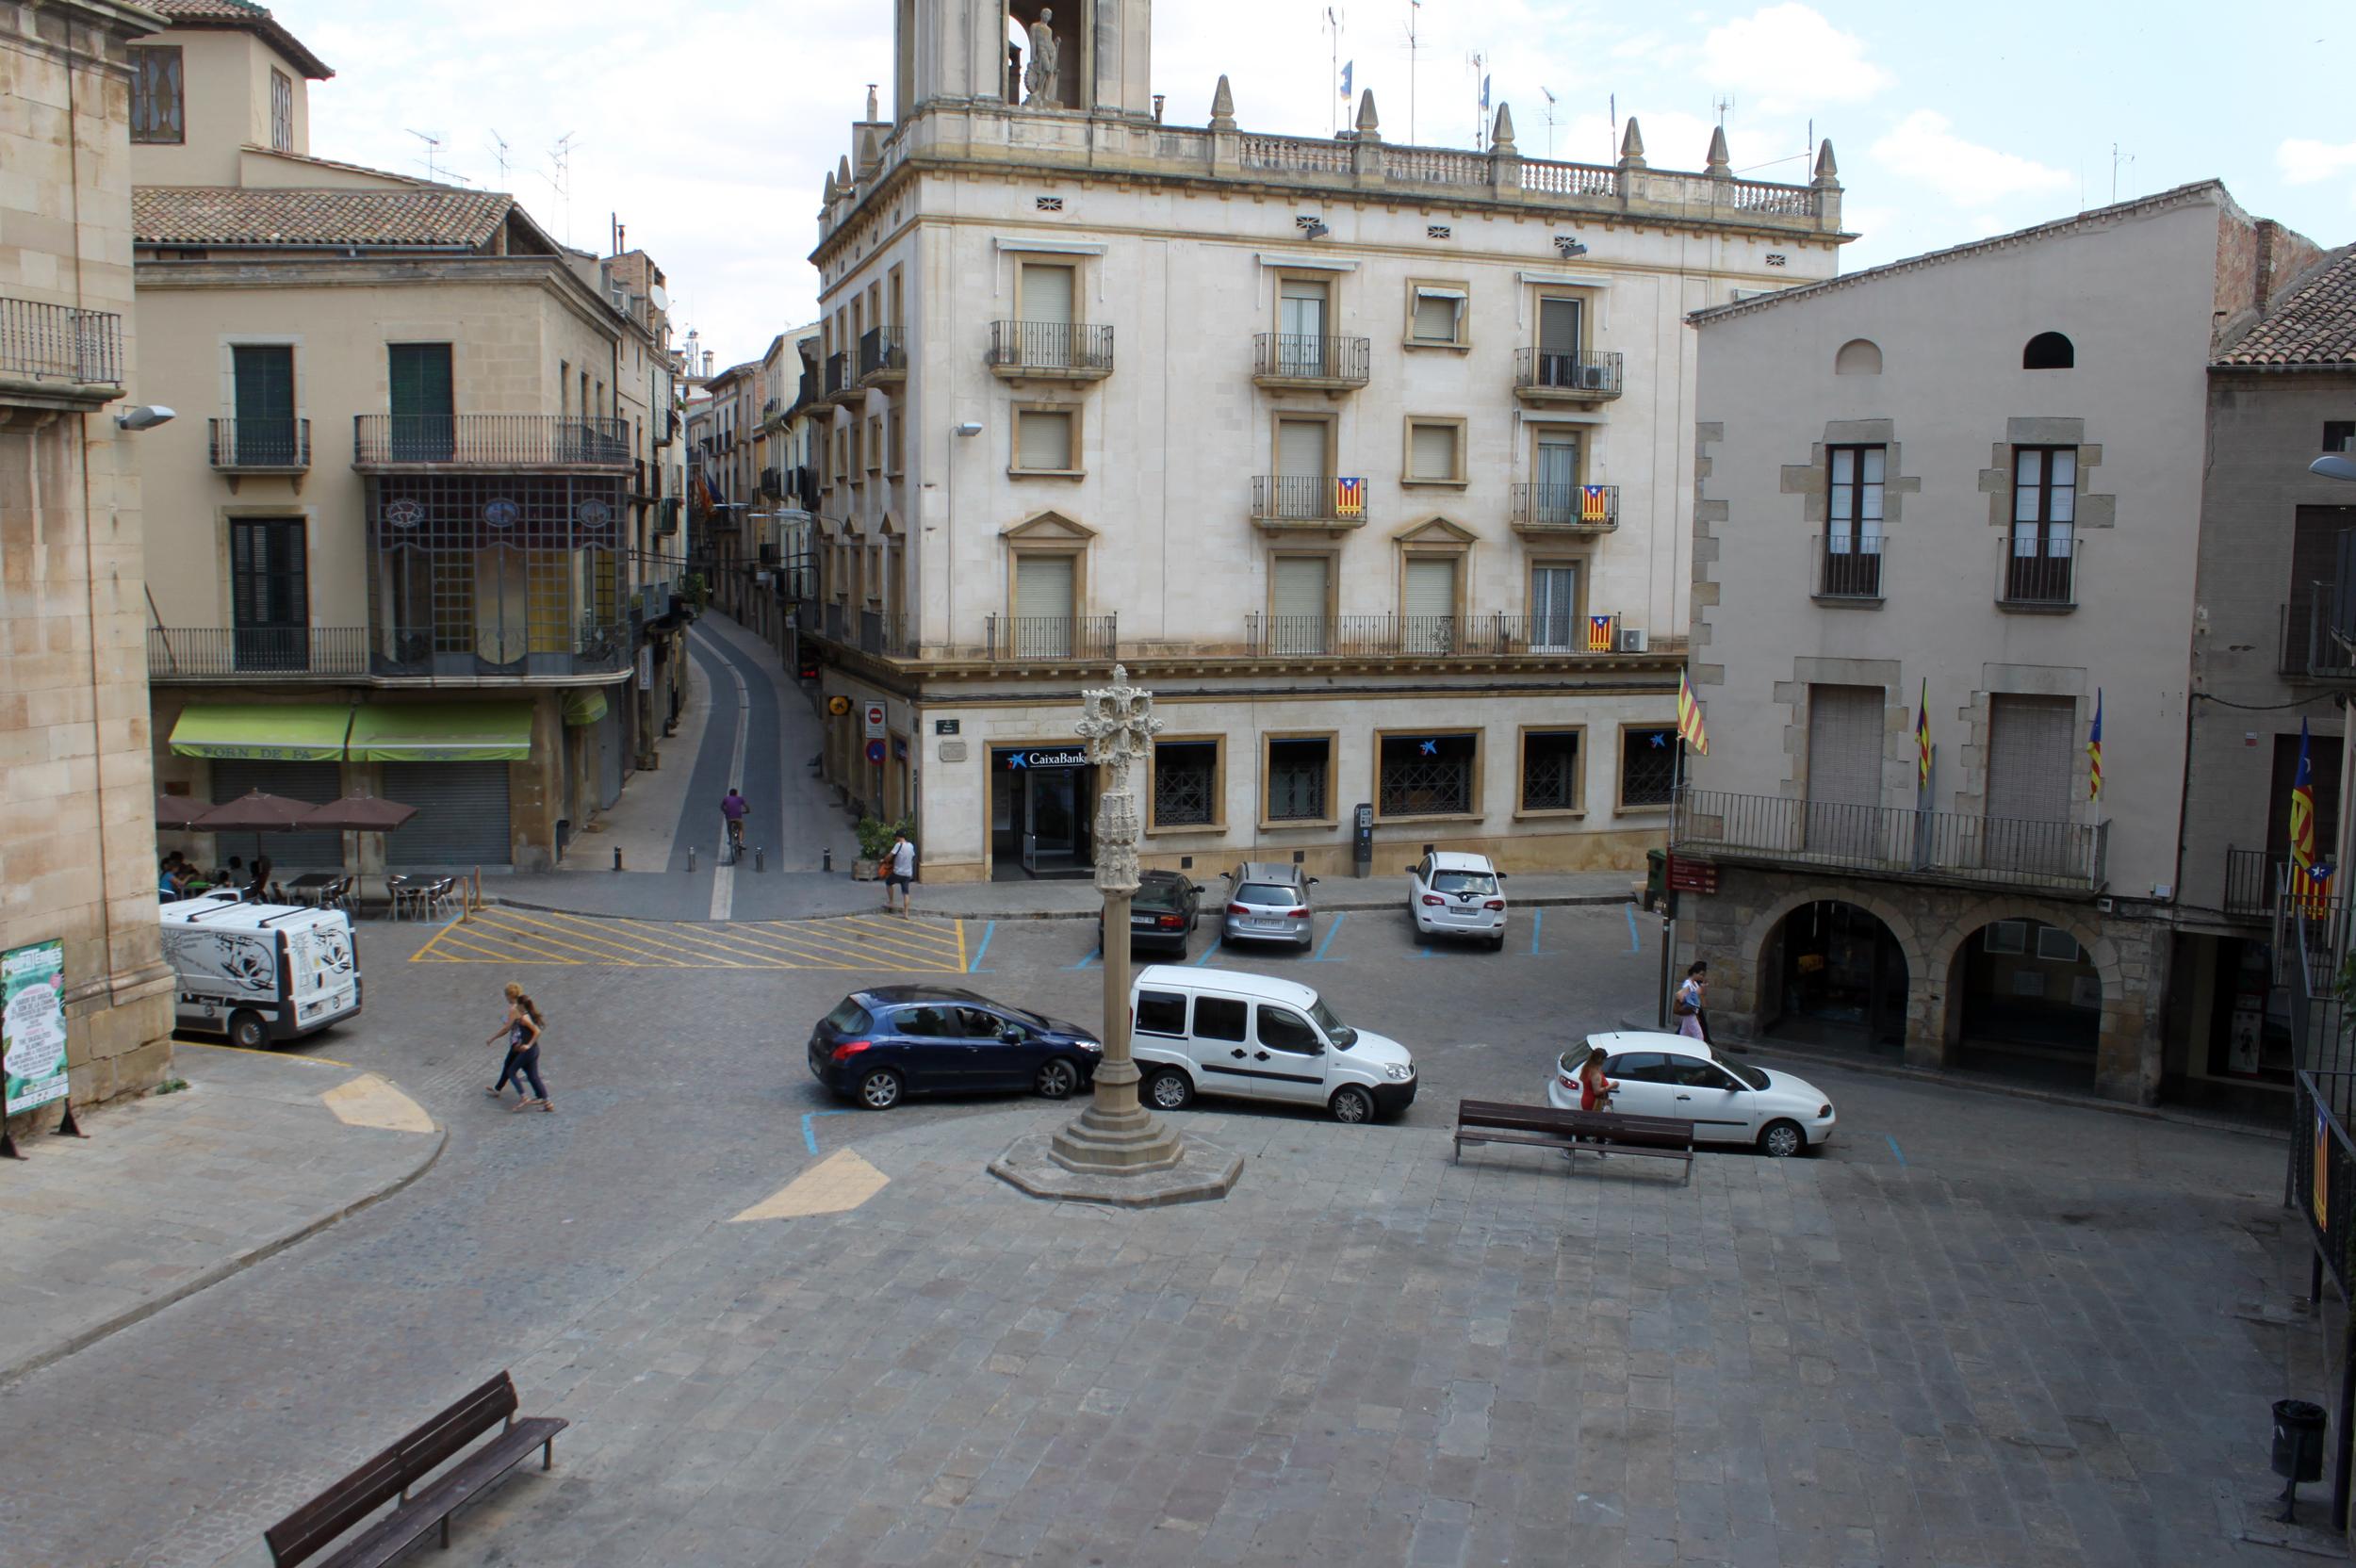 La reforma del carrer Urgell de Tàrrega, que s'iniciarà a finals d'any, servirà també per avaluar la vianalització de la plaça Major